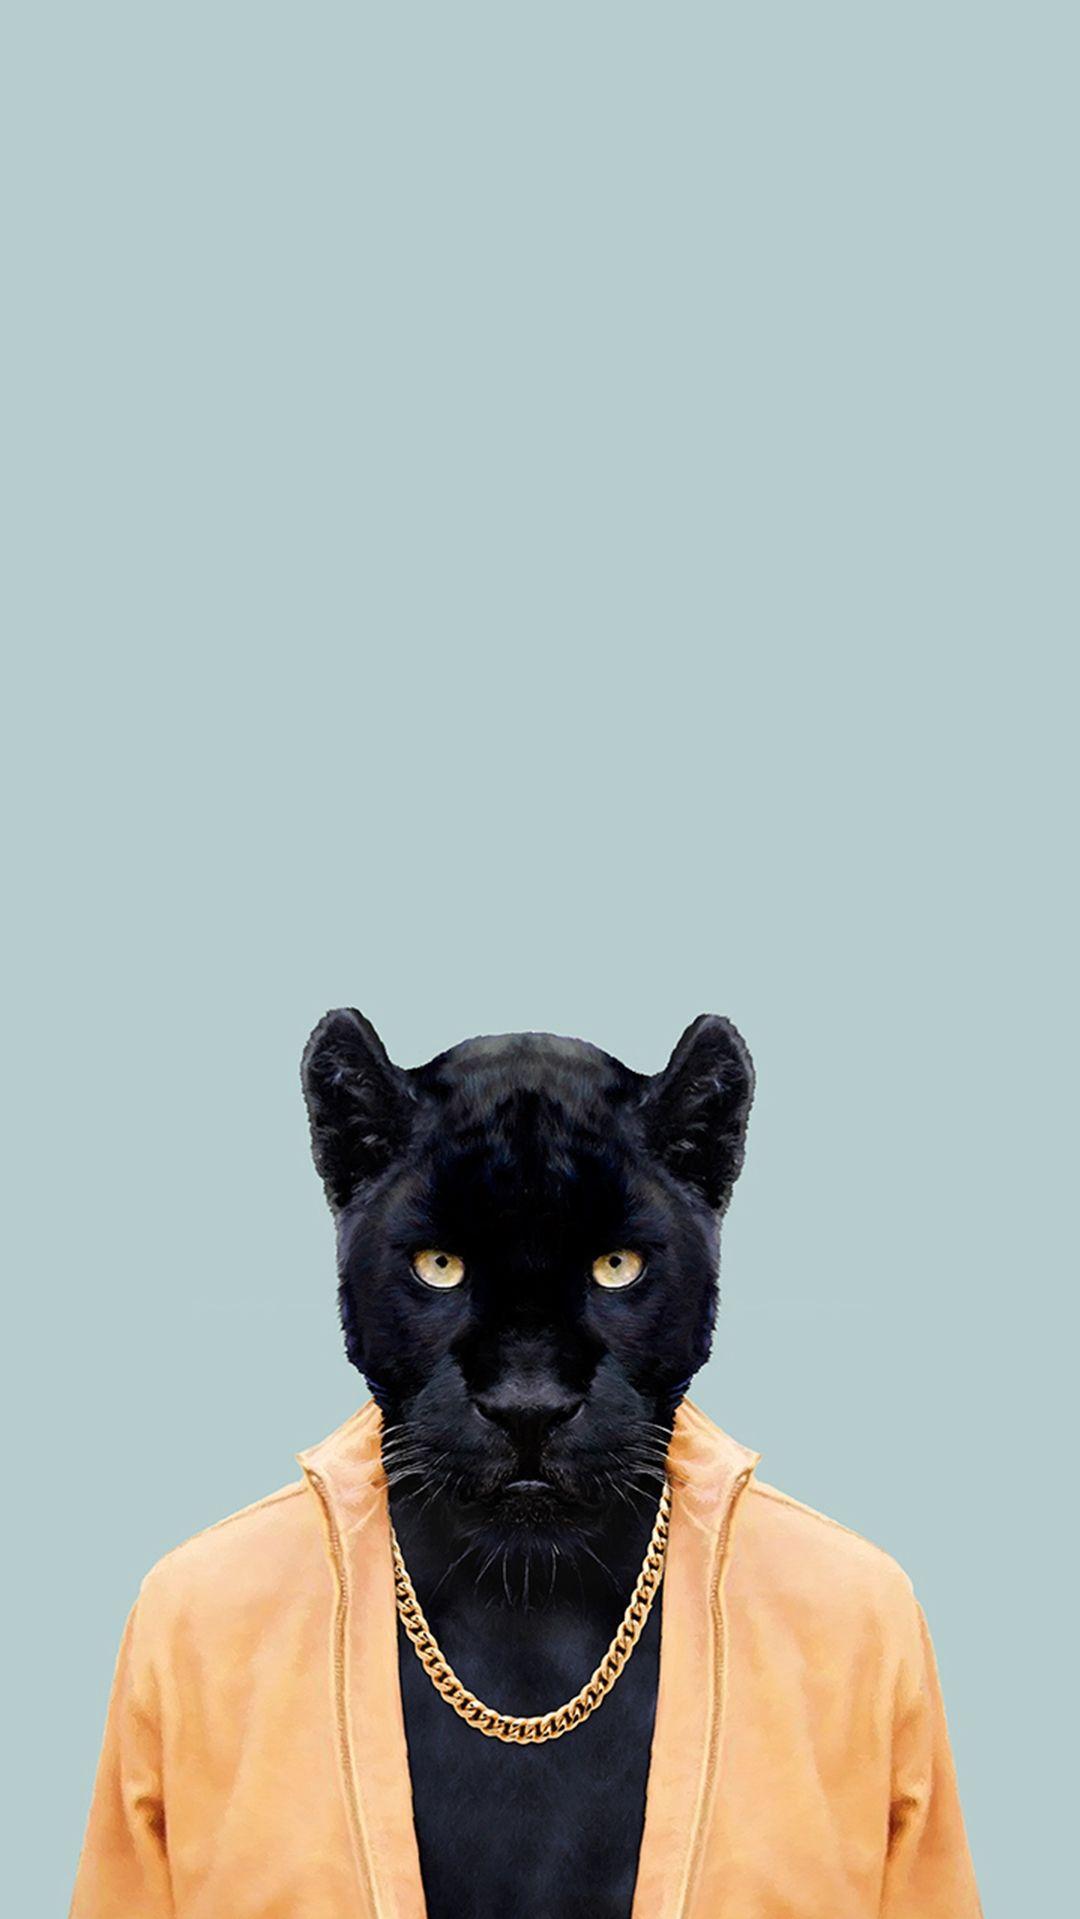 jaguar cars car orange car sport car. Black Panther Black Jaguar Wallpaper Hd Iphone